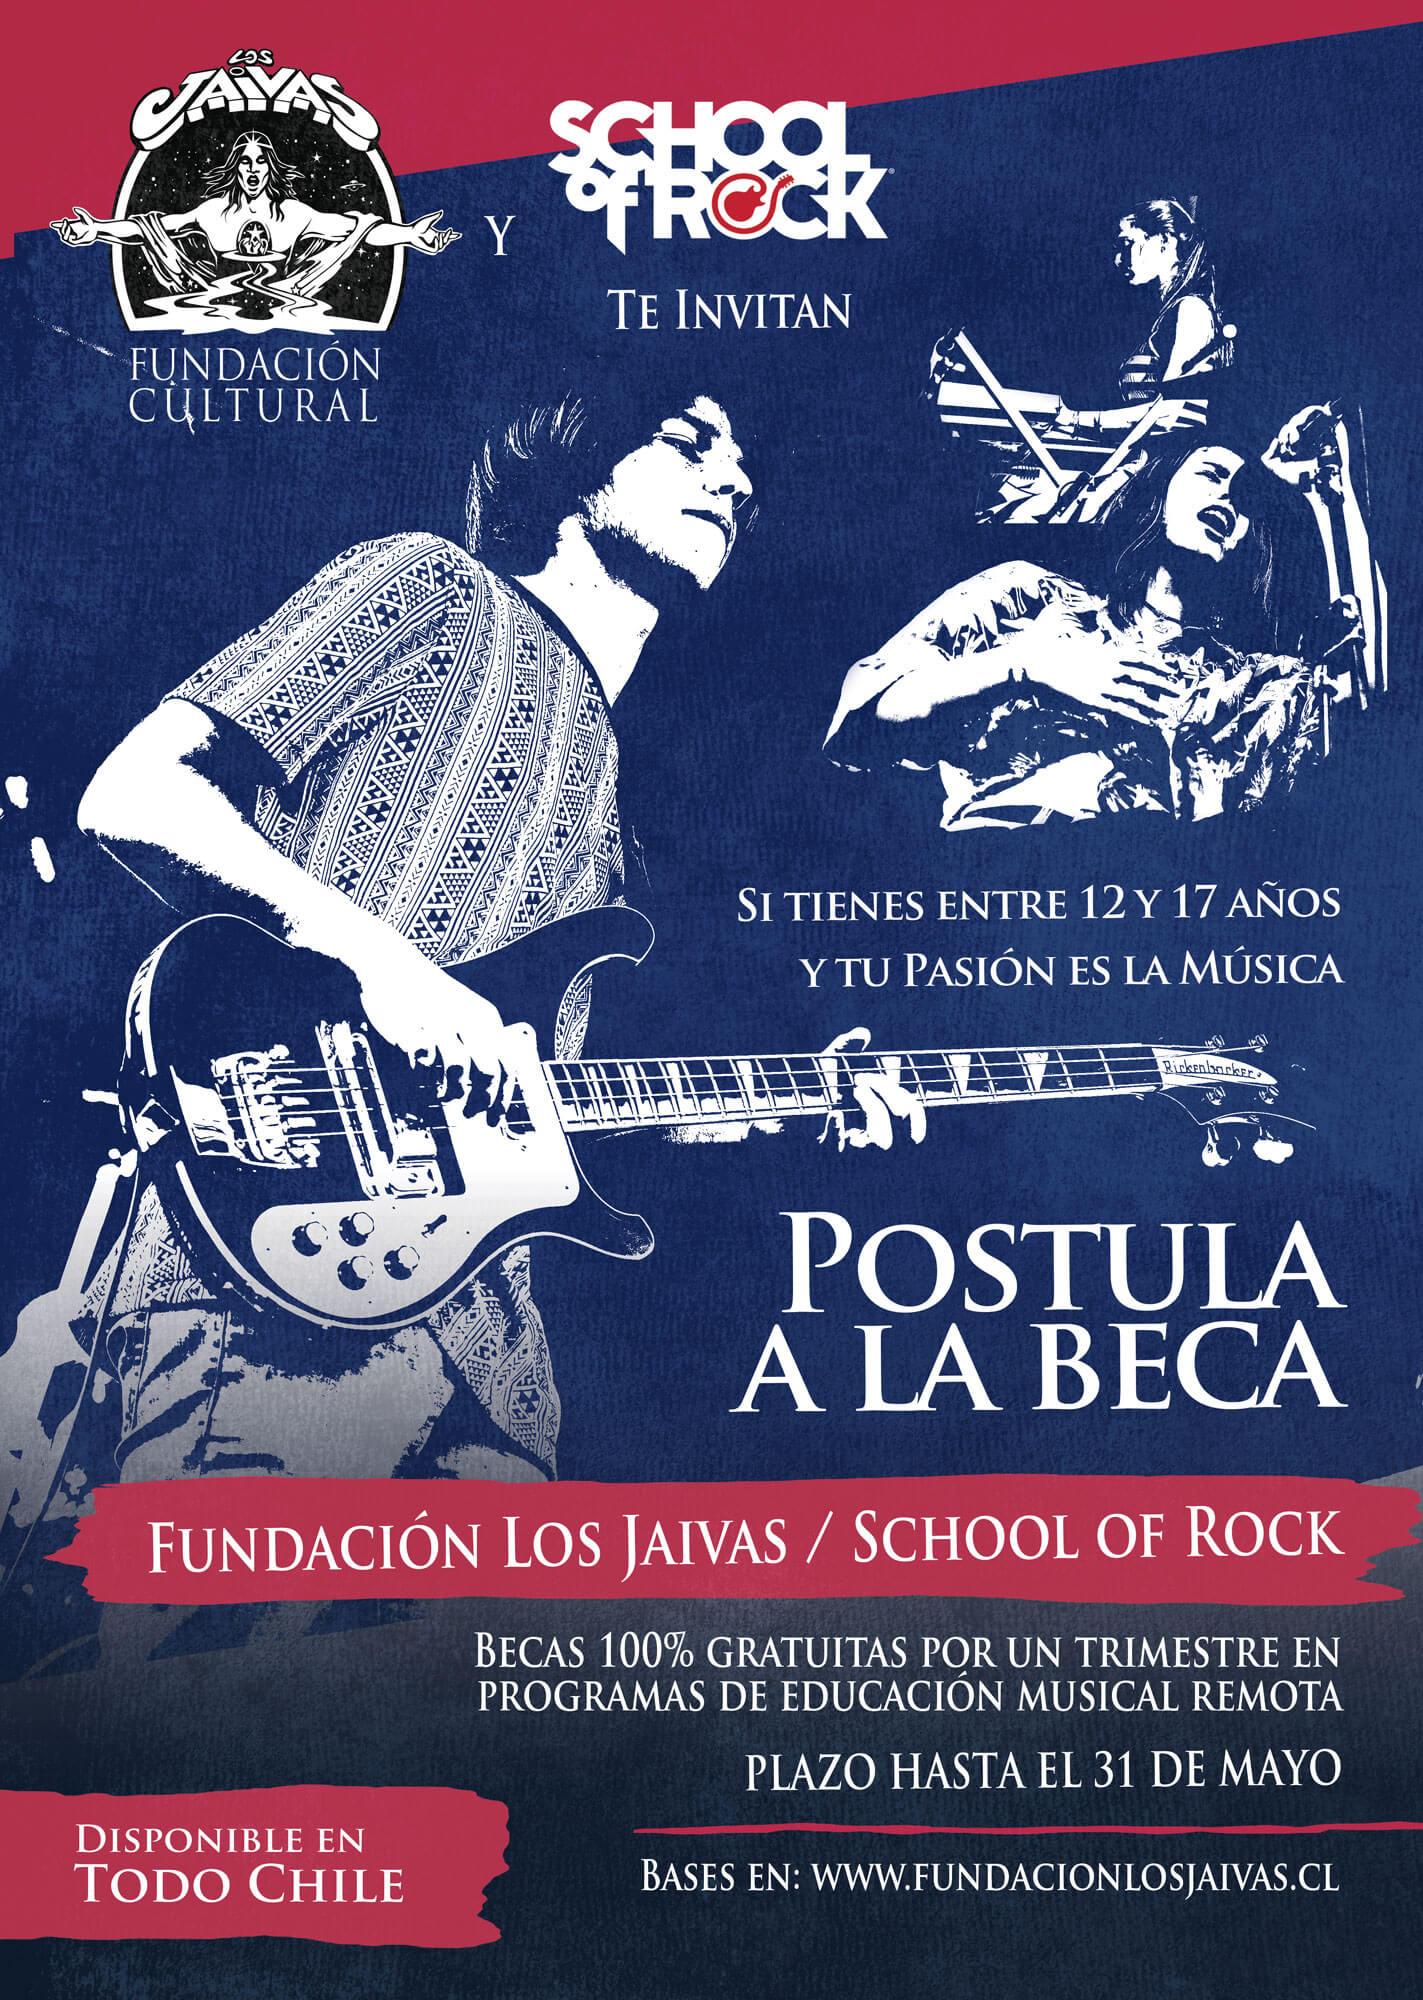 beca fundacion los jaivas school of rock